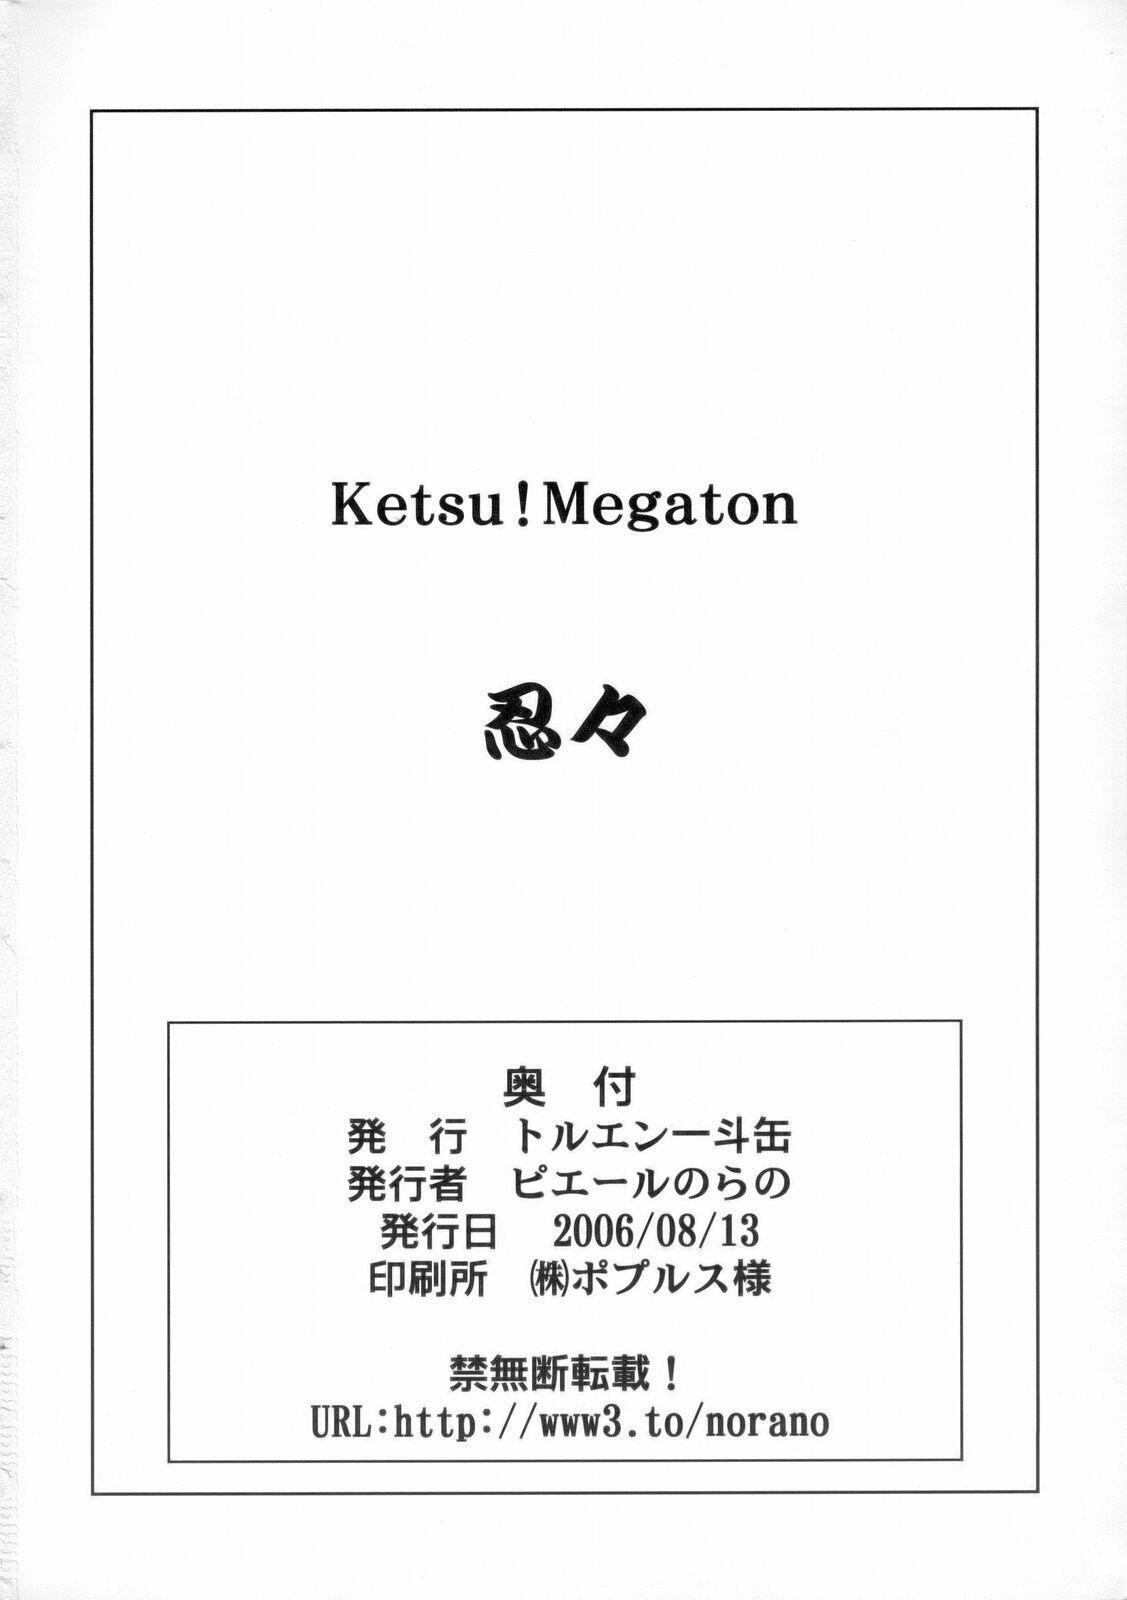 KETSU! MEGATON NinNin 48